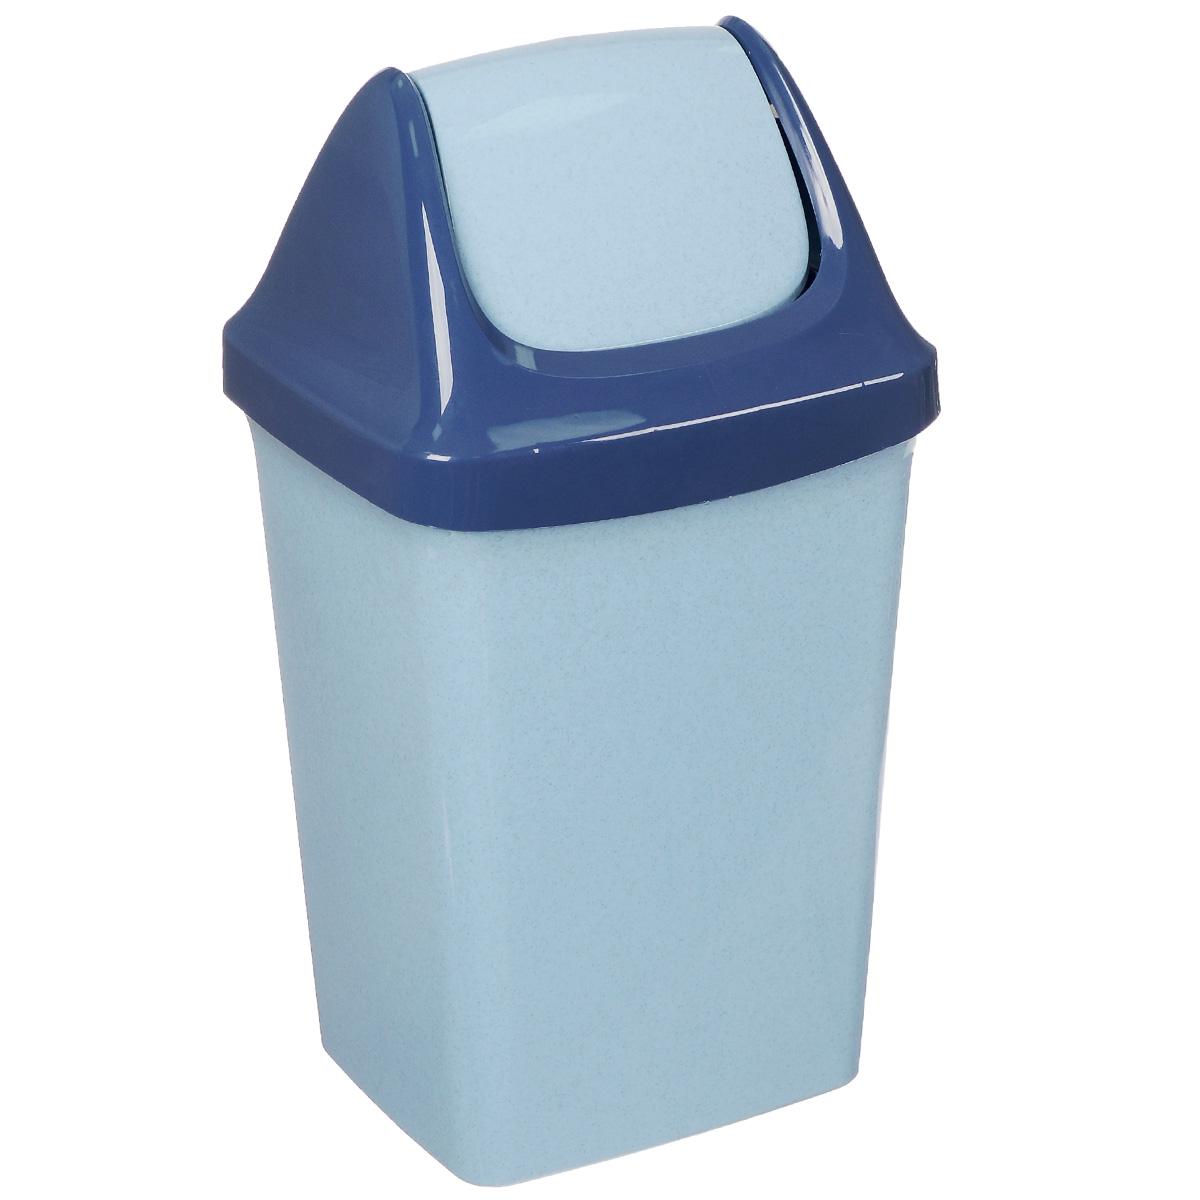 Контейнер для мусора Idea Свинг, цвет: голубой мрамор, 15 л68/5/4Контейнер для мусора Idea Свинг изготовлен из прочного полипропилена (пластика). Контейнер снабжен удобной съемной крышкой с подвижной перегородкой. Благодаря лаконичному дизайну такой контейнер идеально впишется в интерьер и дома, и офиса.